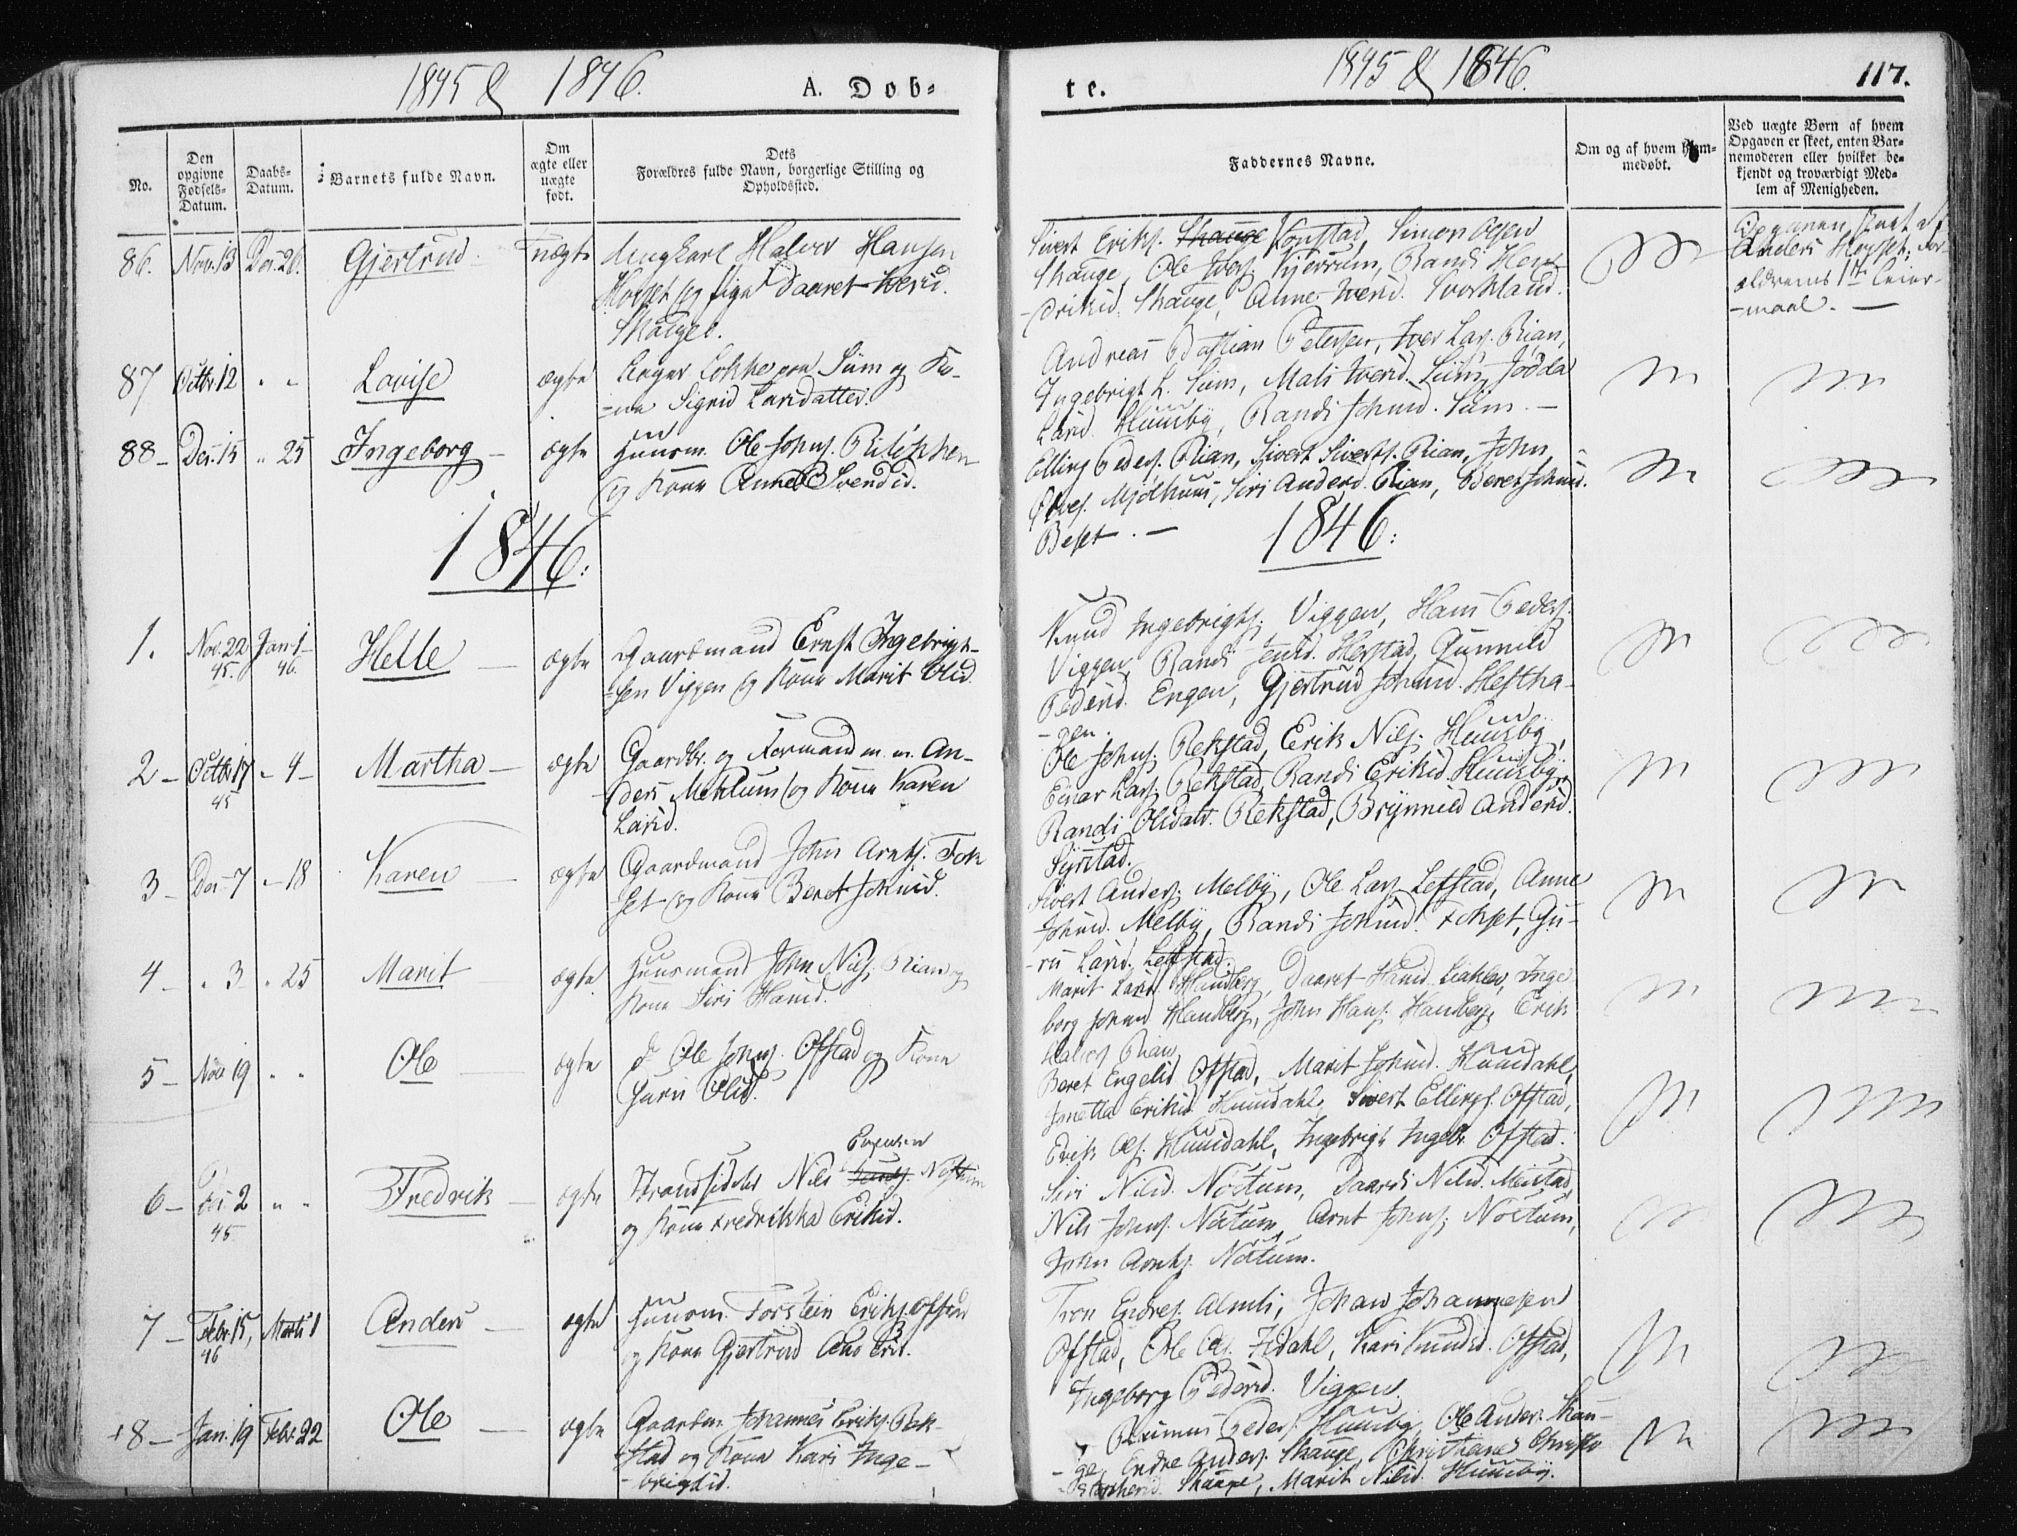 SAT, Ministerialprotokoller, klokkerbøker og fødselsregistre - Sør-Trøndelag, 665/L0771: Ministerialbok nr. 665A06, 1830-1856, s. 117